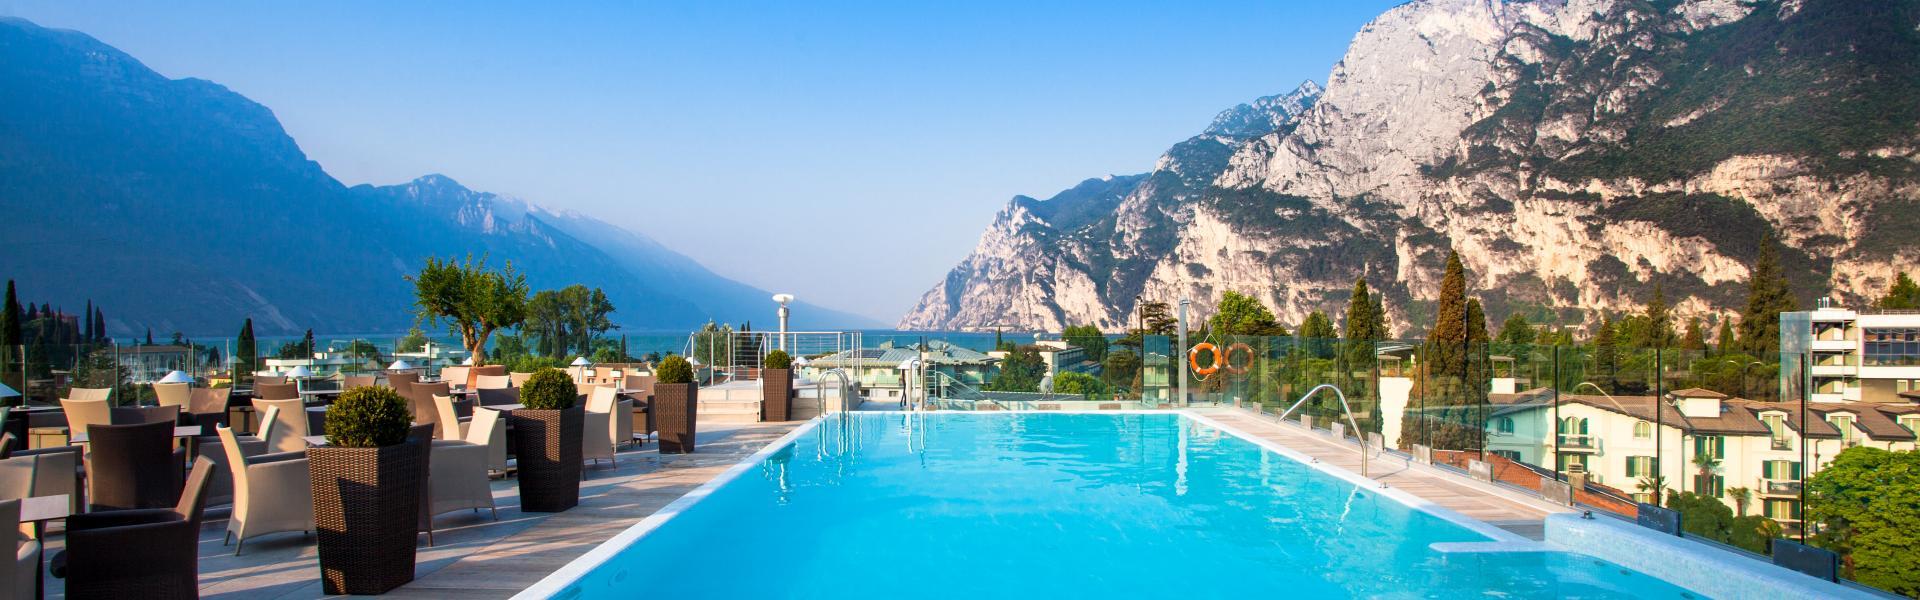 Week end romantico sul Lago di Garda Soggiorno - Offerta Hotel